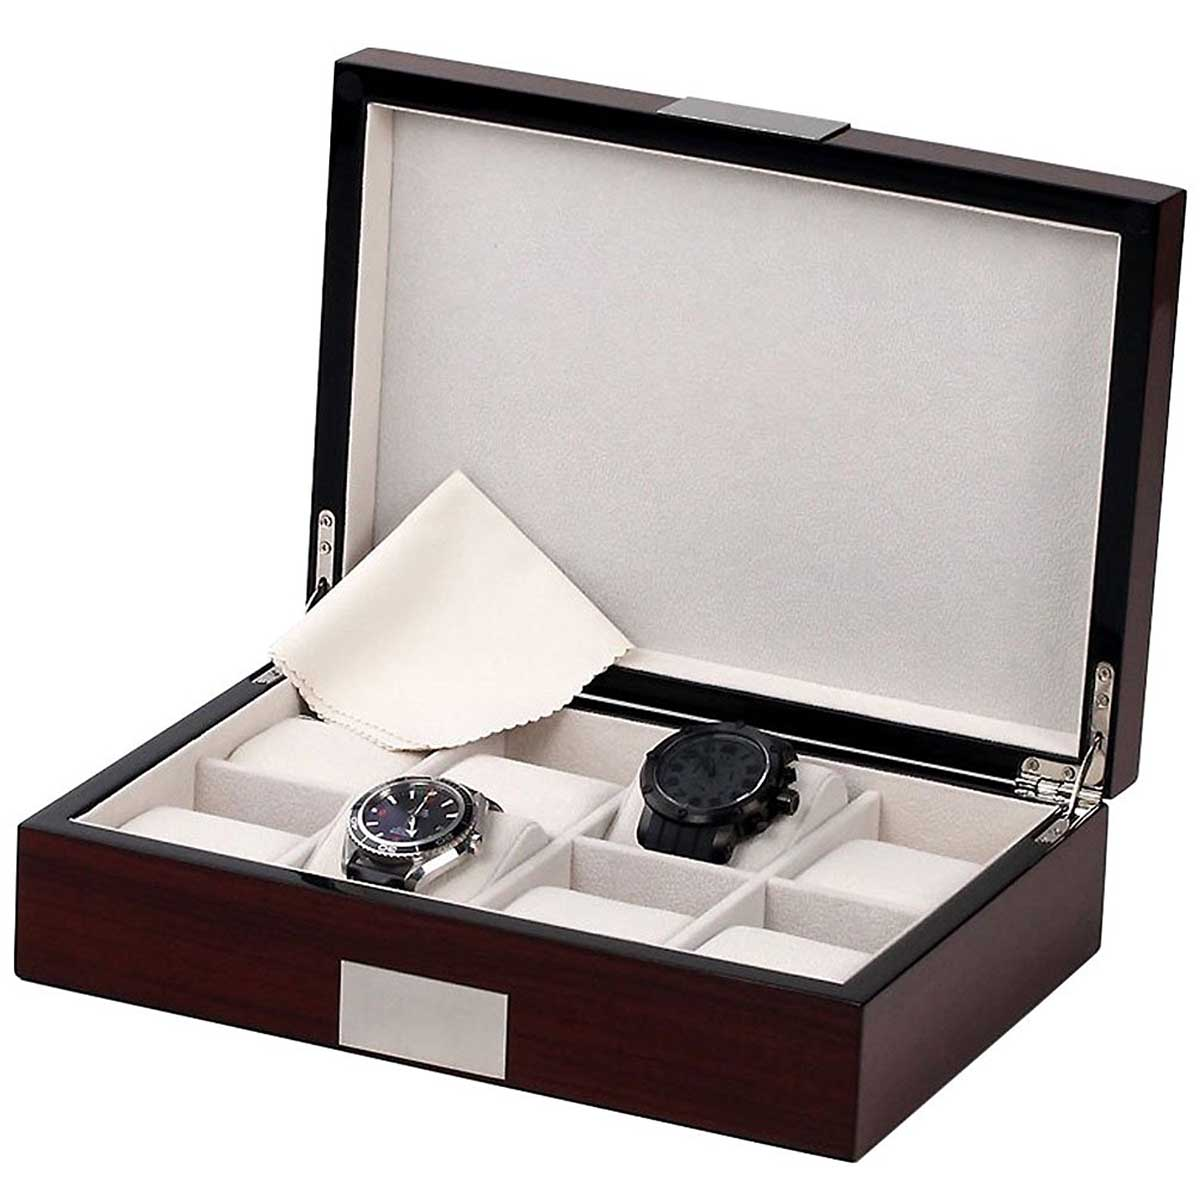 腕時計用 ウォッチケース Rothenschild ローテンシルト 収納本数8本 [RS-2022-8RO]